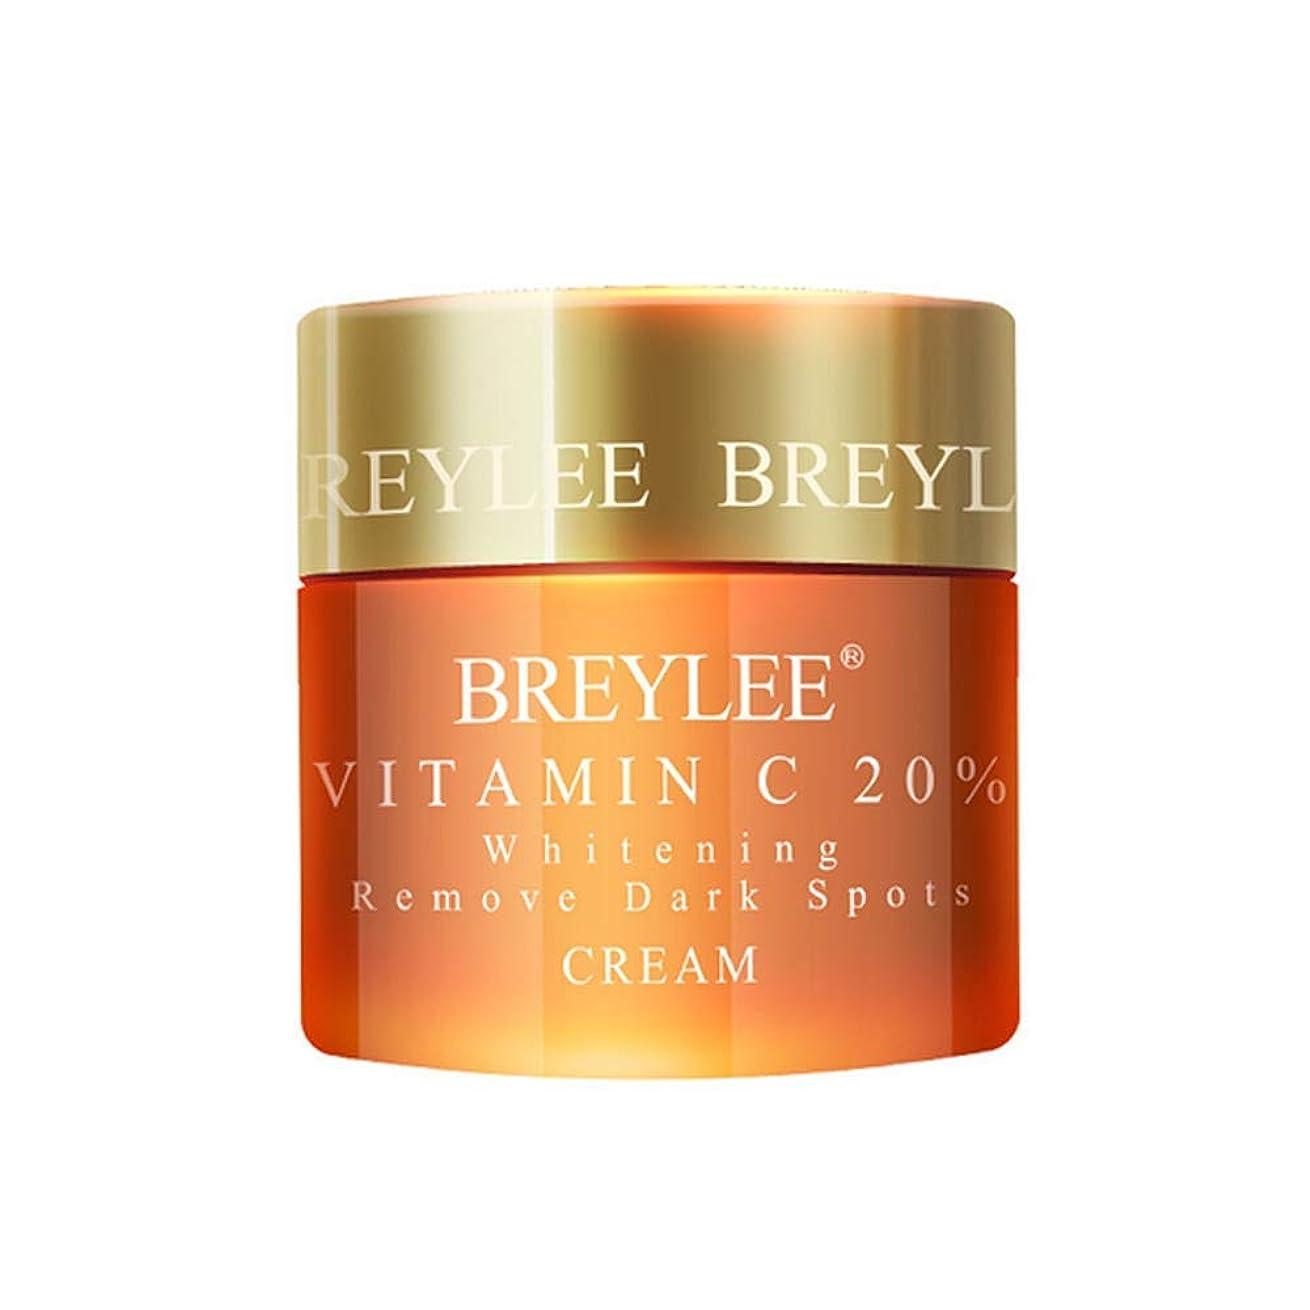 単位習熟度ブレイズBREYLEE ヒアルロン酸 保湿クリーム 20%ビタミンC配合 美白 皮膚の引き締め (ビタミンC)